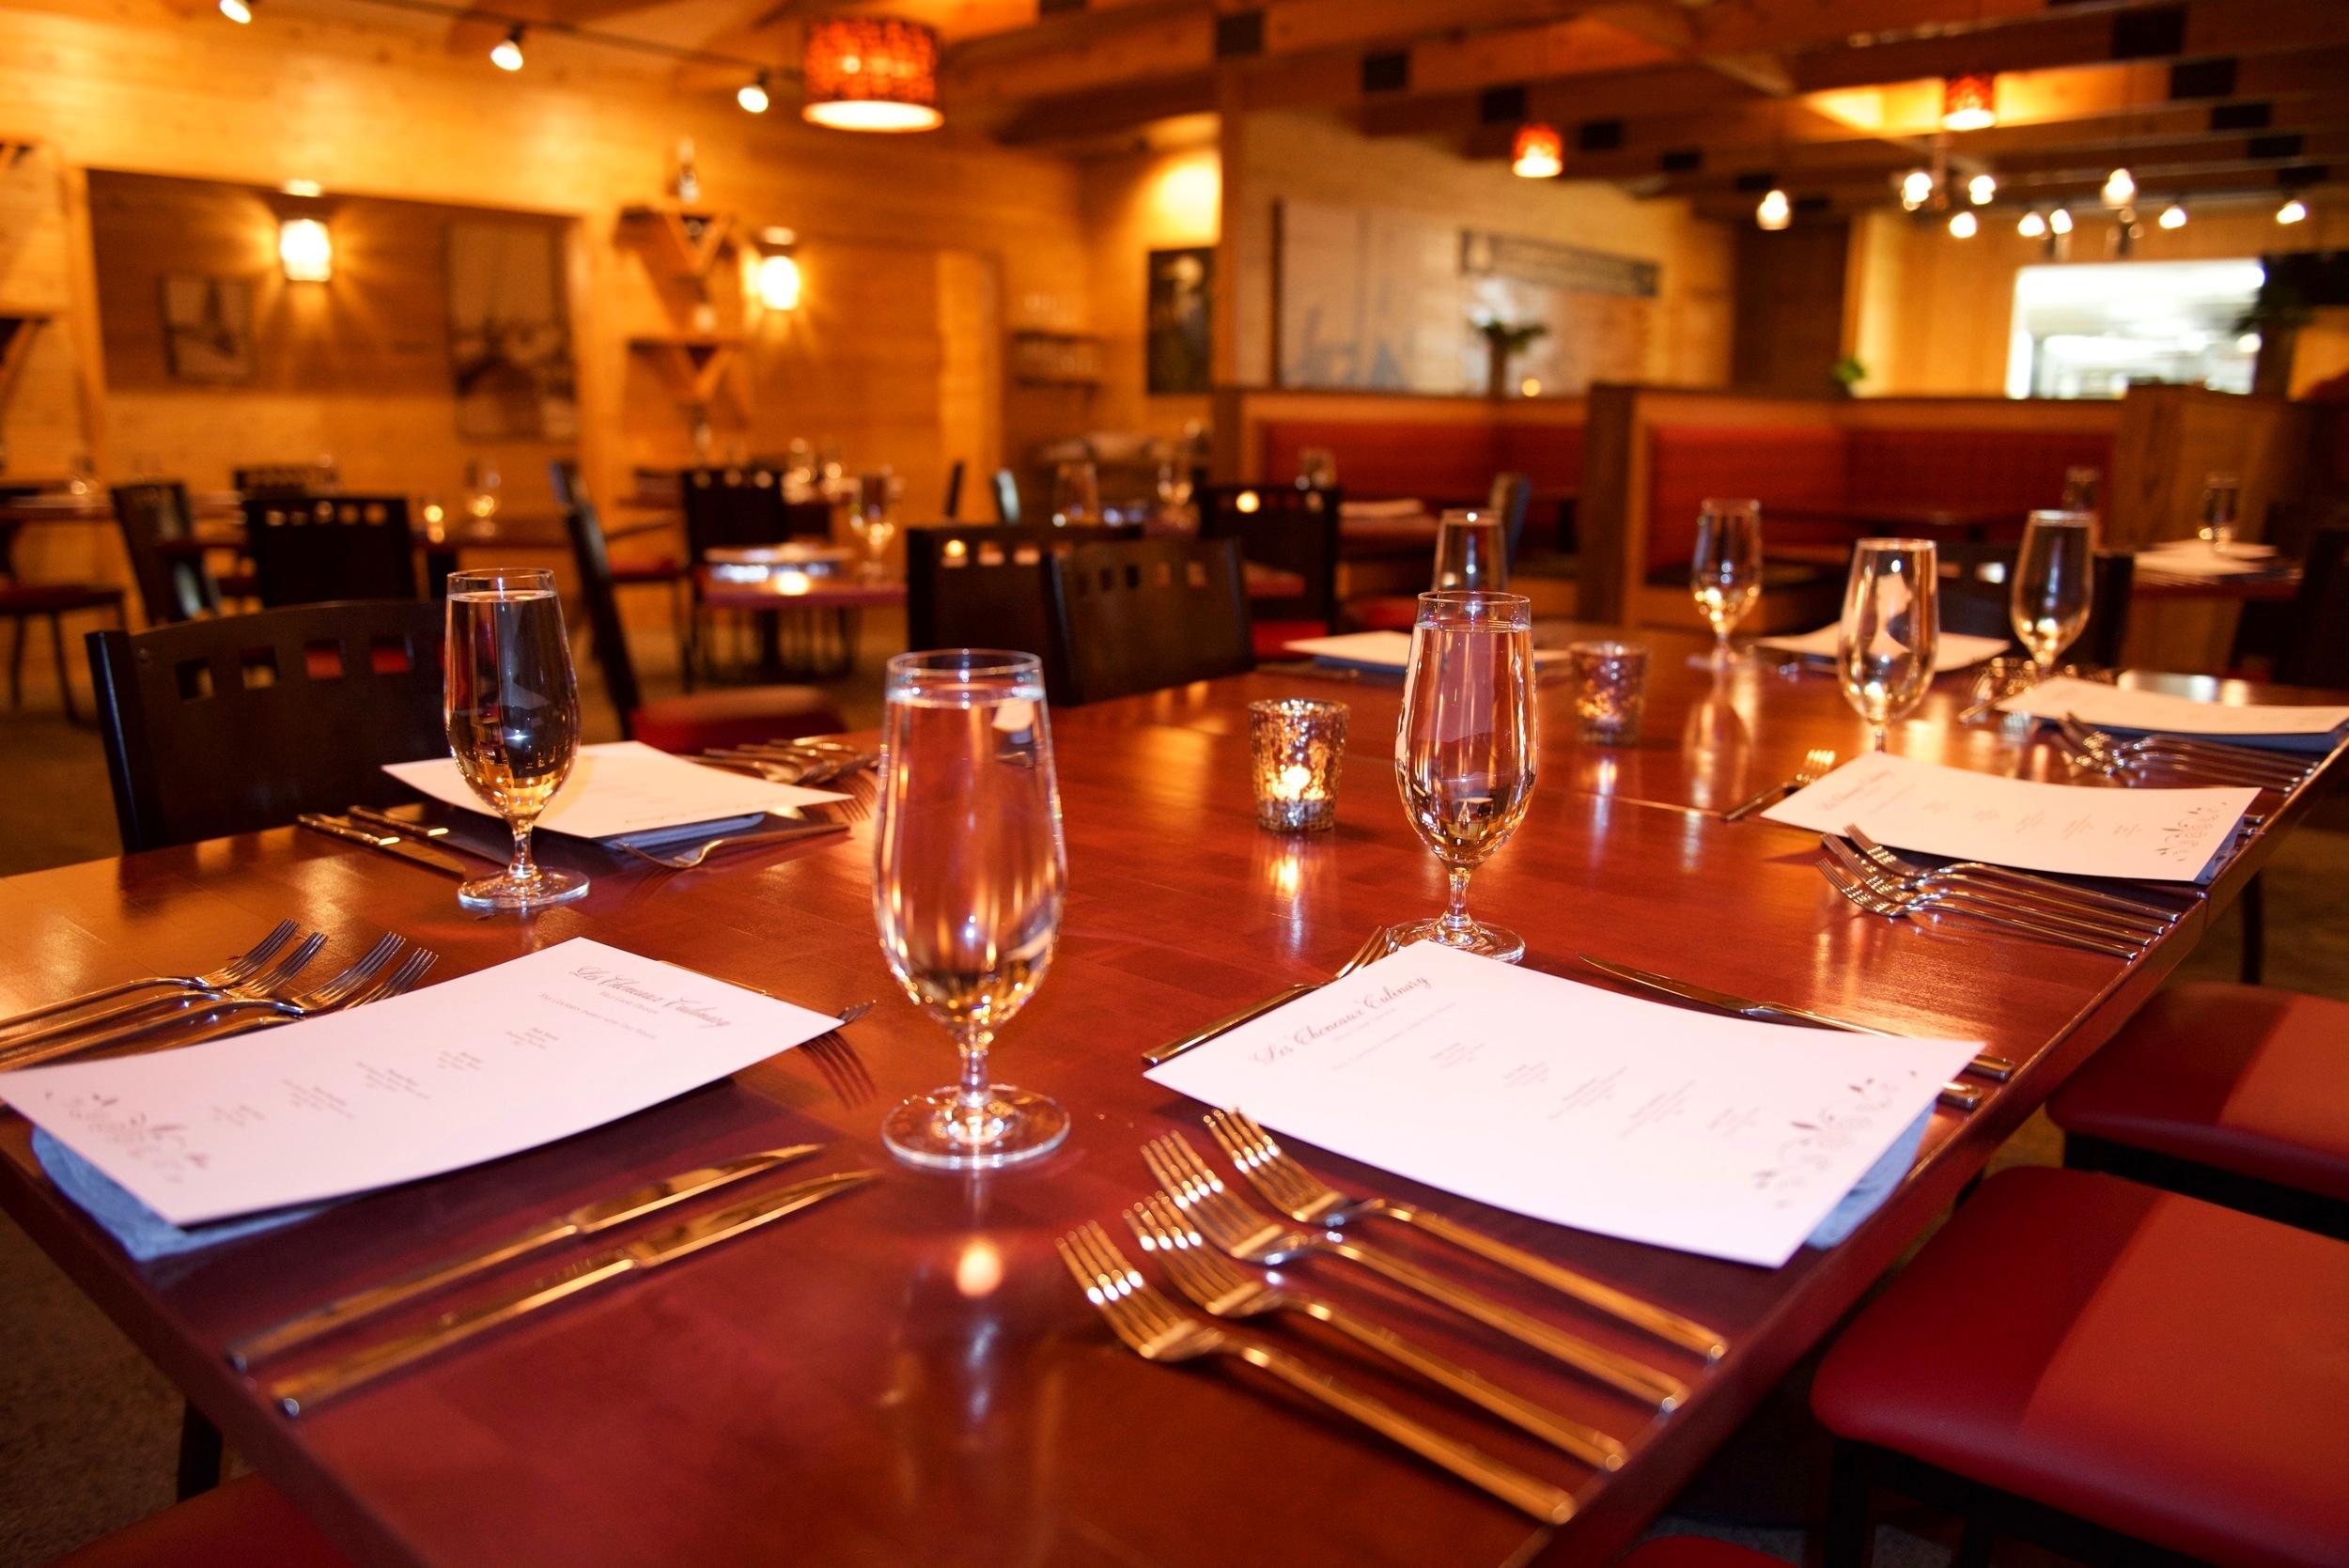 LCCS Dining Room.jpg